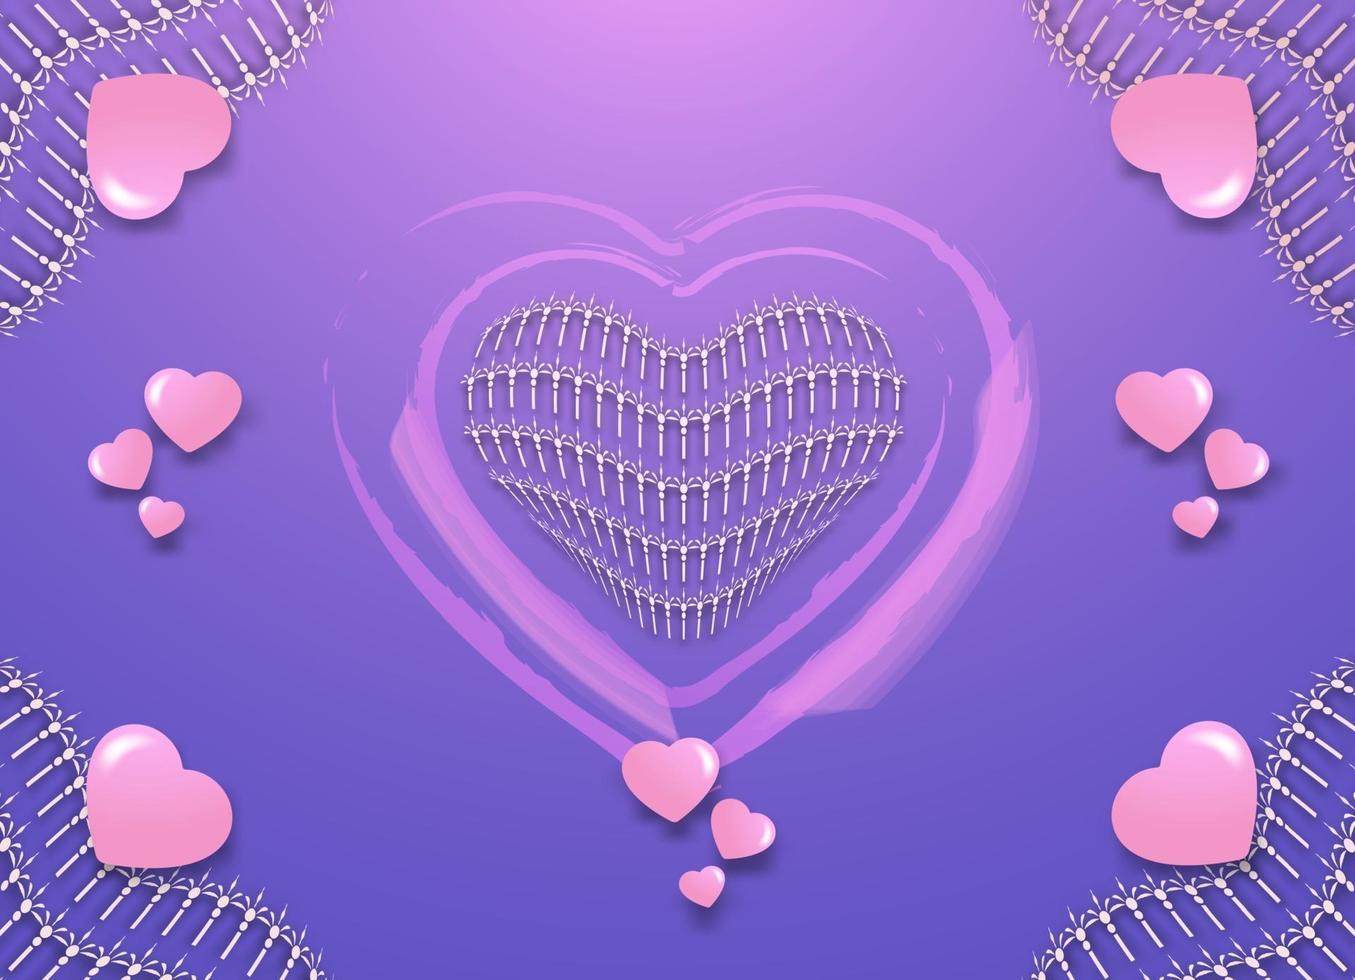 abstracte hart achtergrond vector